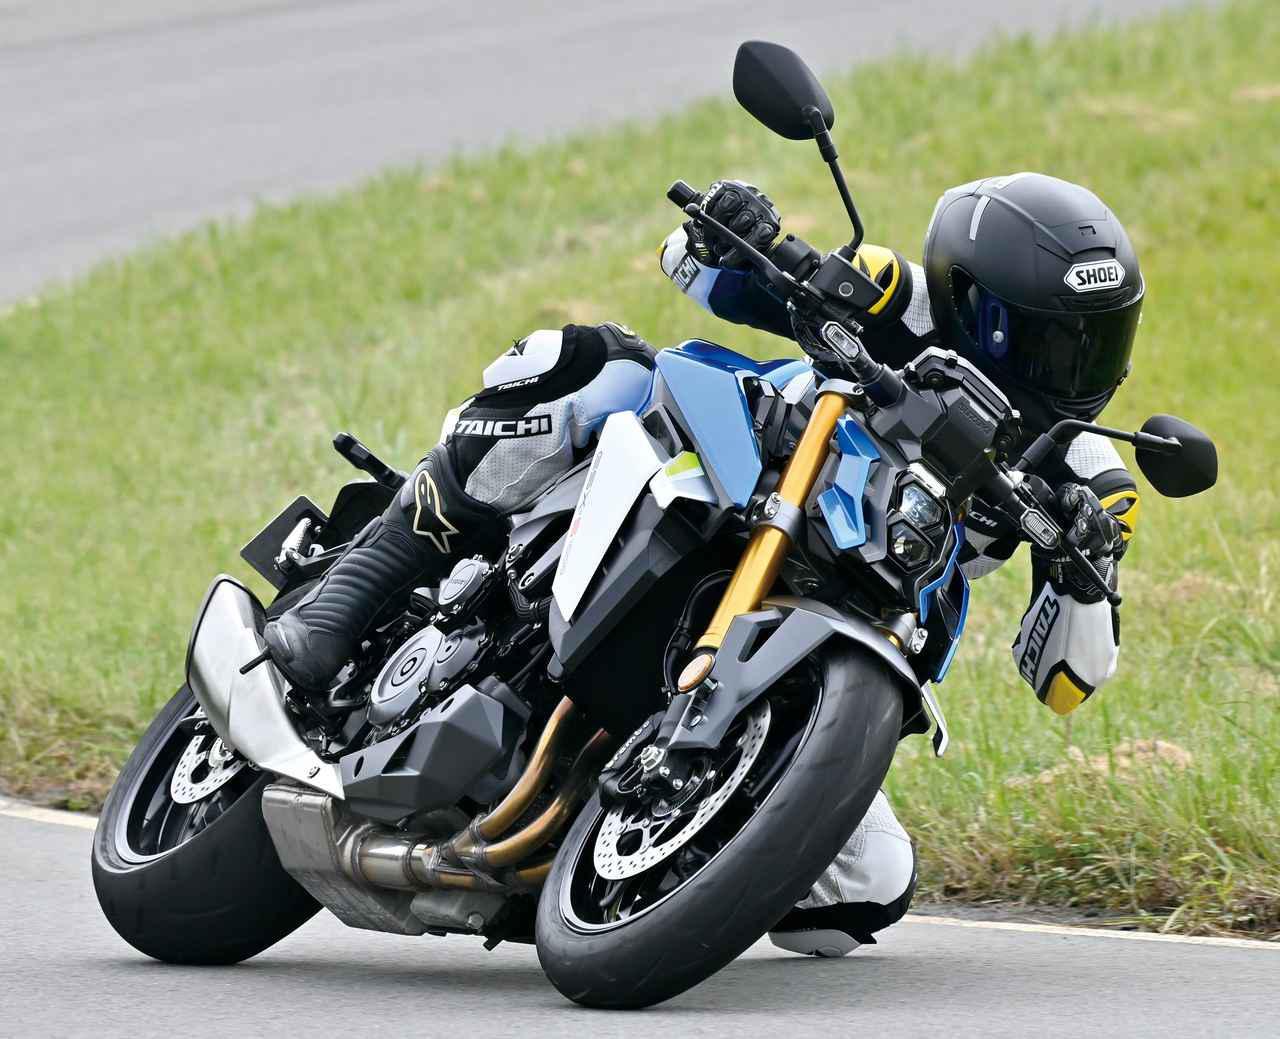 画像: SUZUKI GSX-S1000 総排気量:999cc エンジン形式:水冷4ストDOHC並列4気筒 シート高:810mm 車両重量:214kg 国内発売日:未定 税込価格:未定